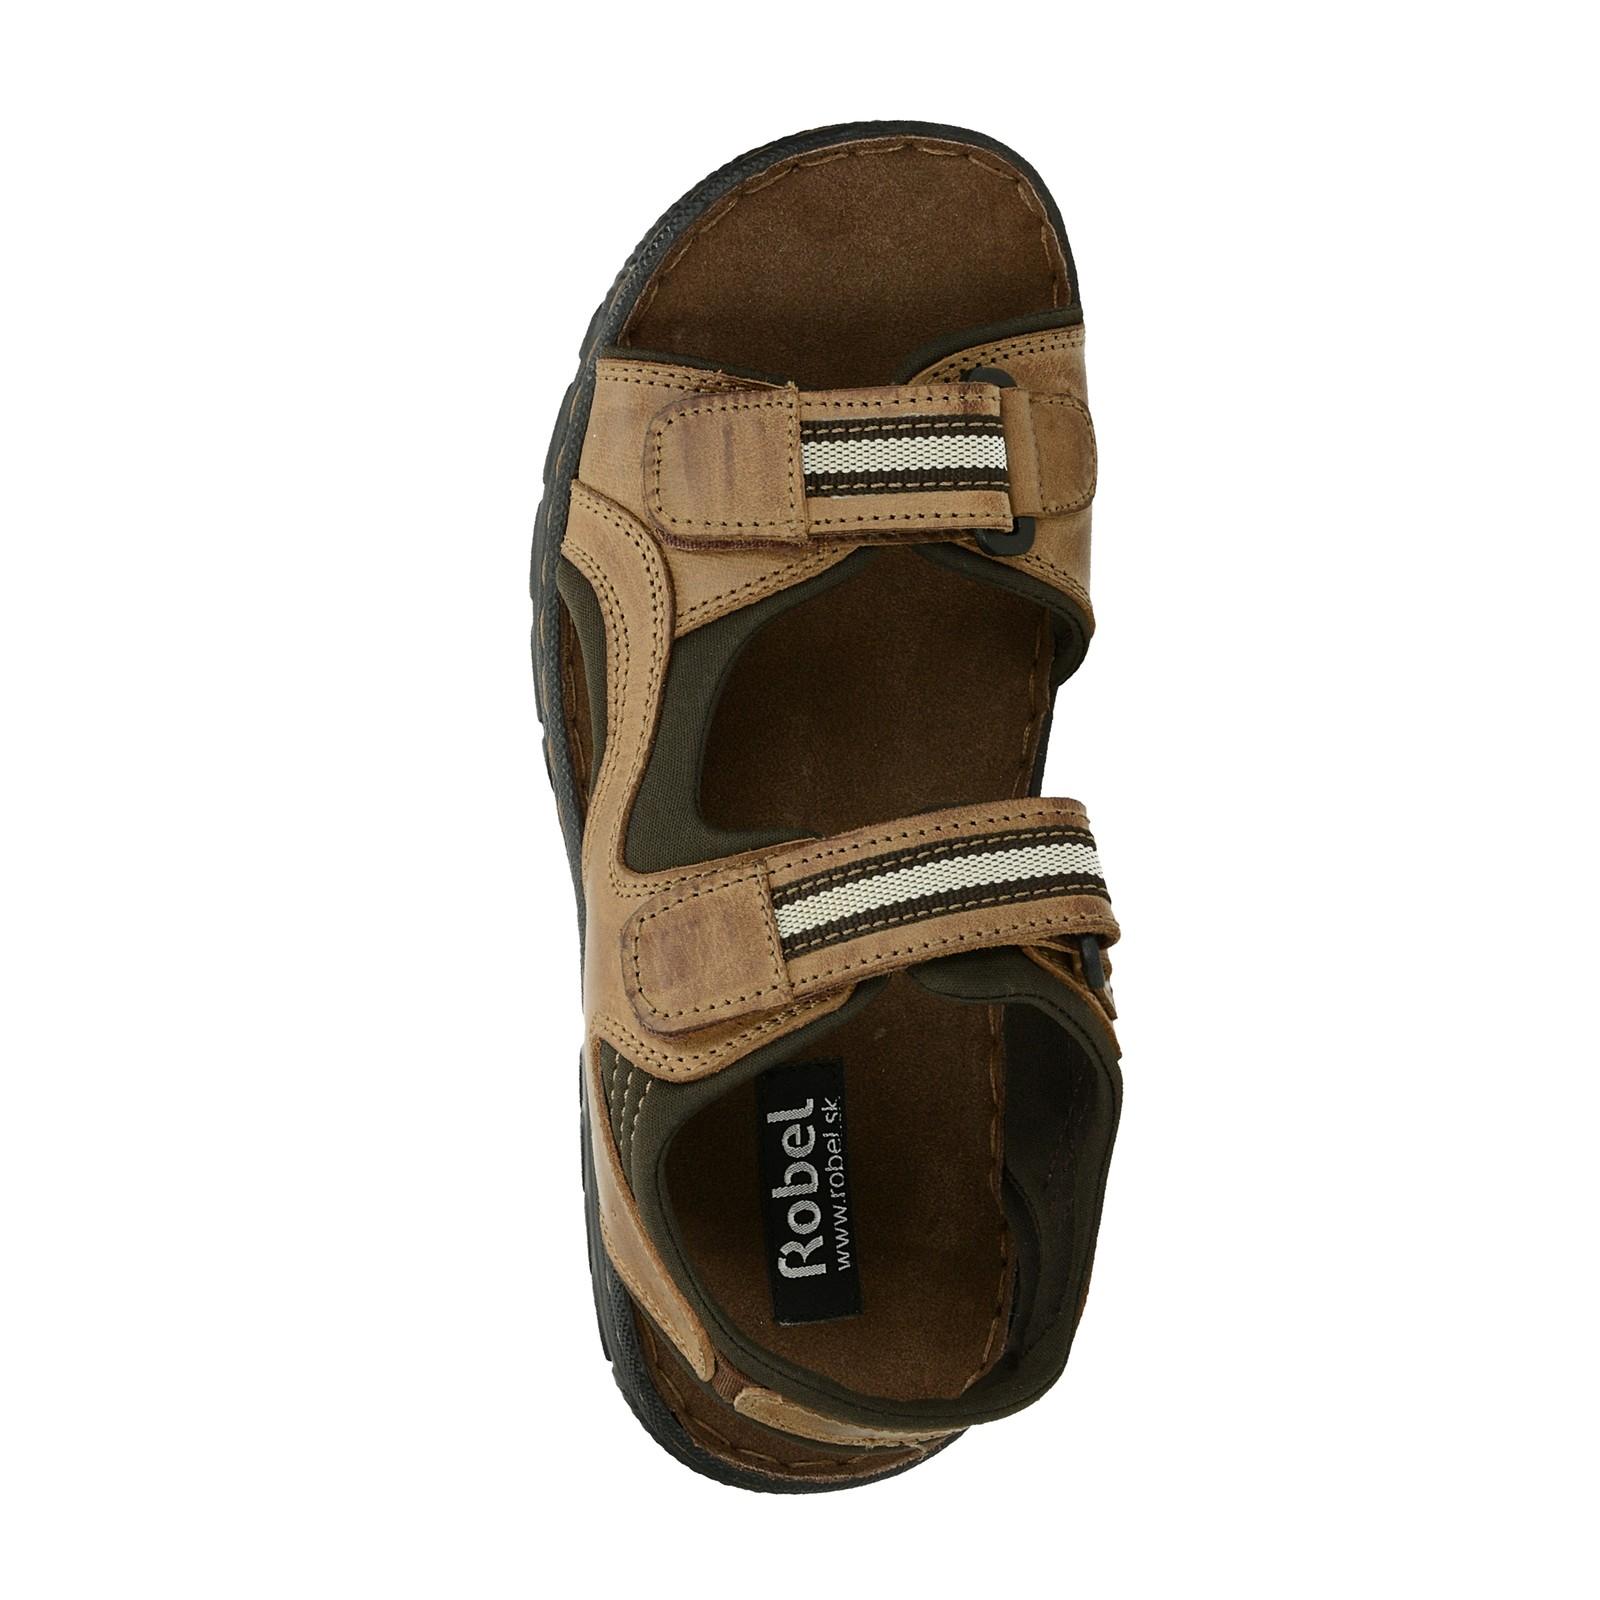 Robel pánske kožené sandále - hnedé